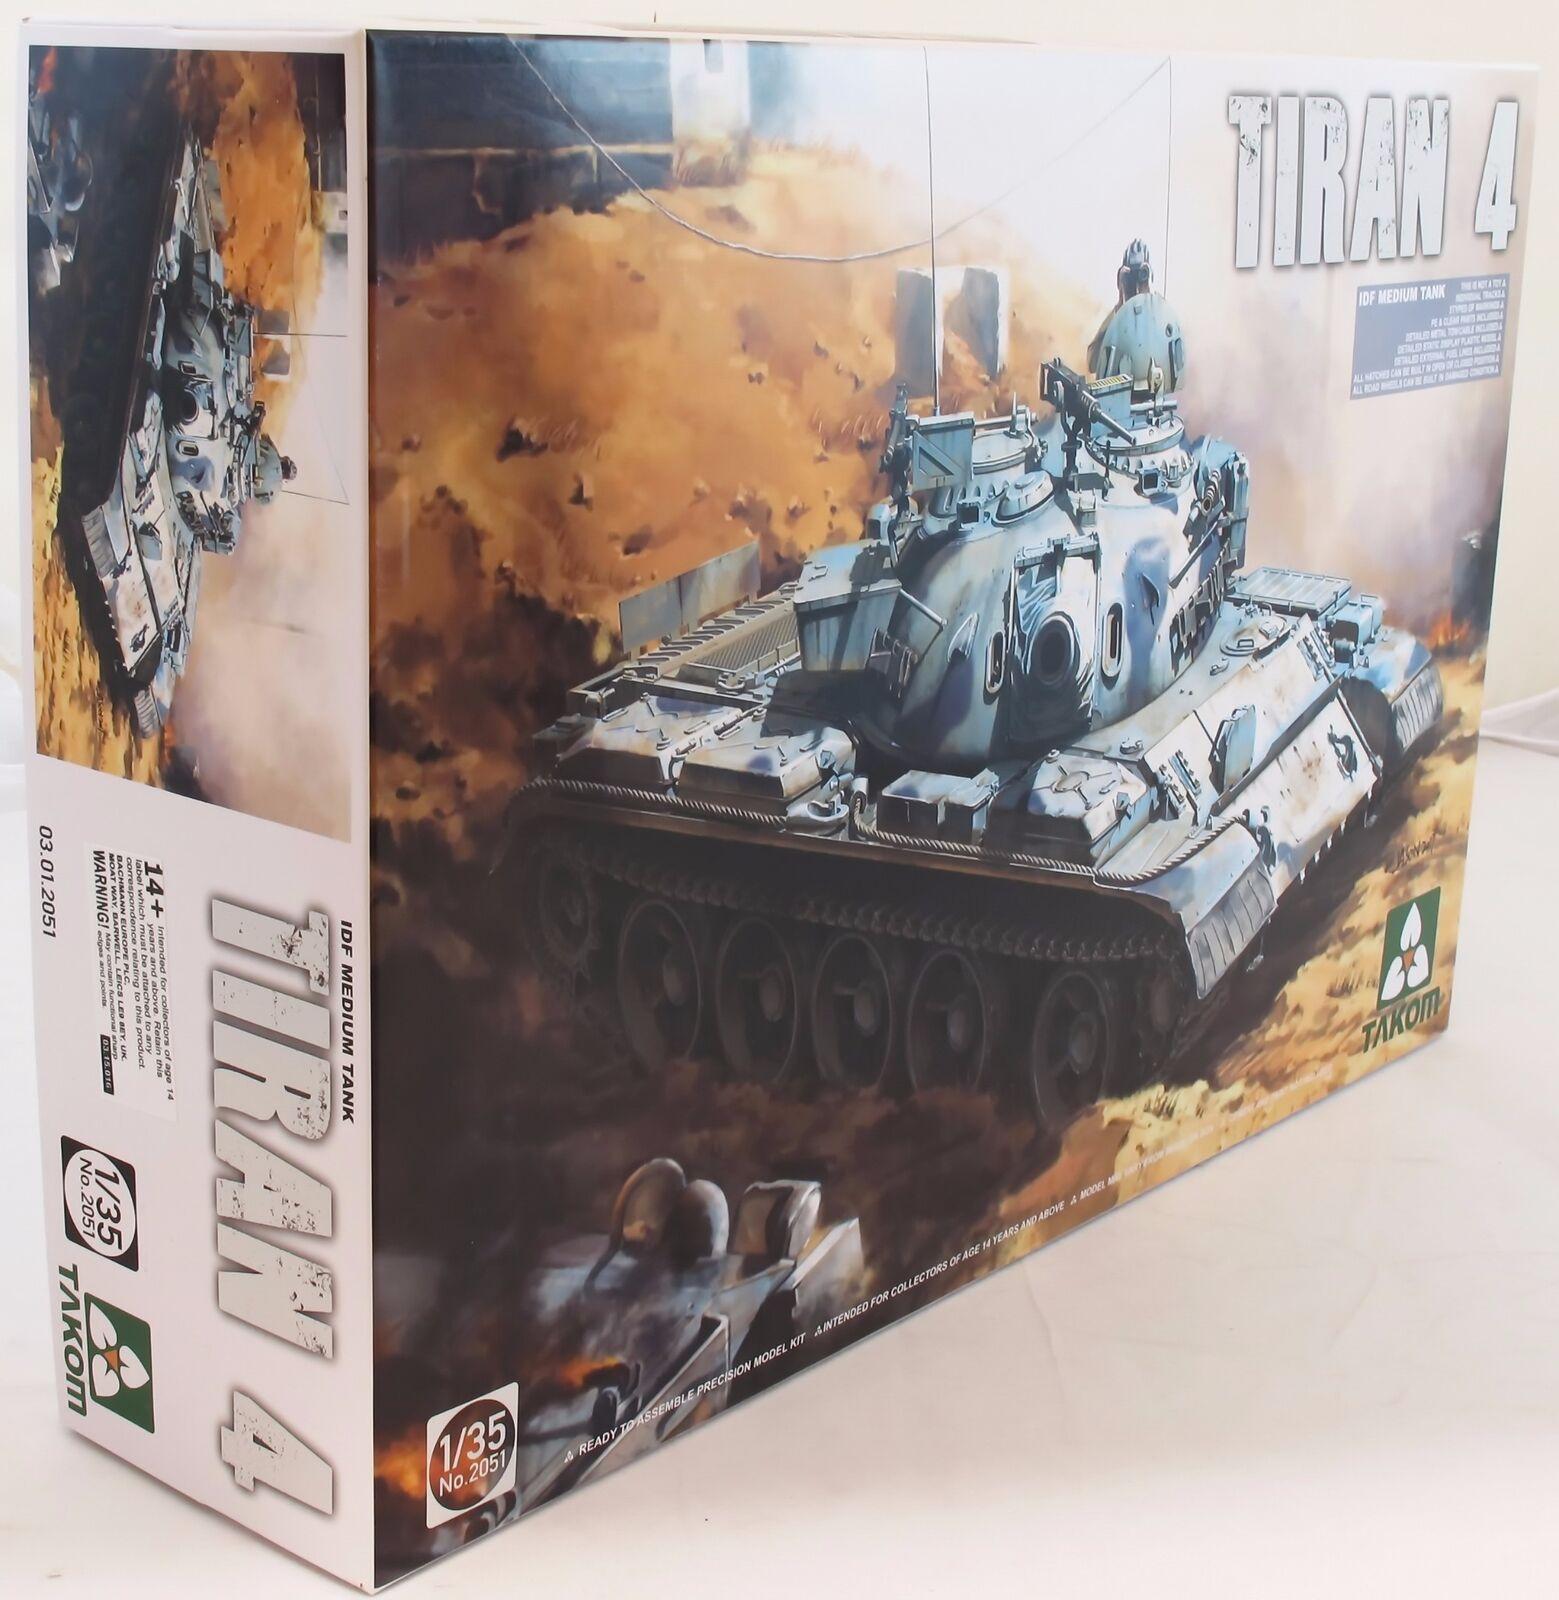 Takom 1 35 02051 Tiran-4 IDF Medium Tank Model Military Kit